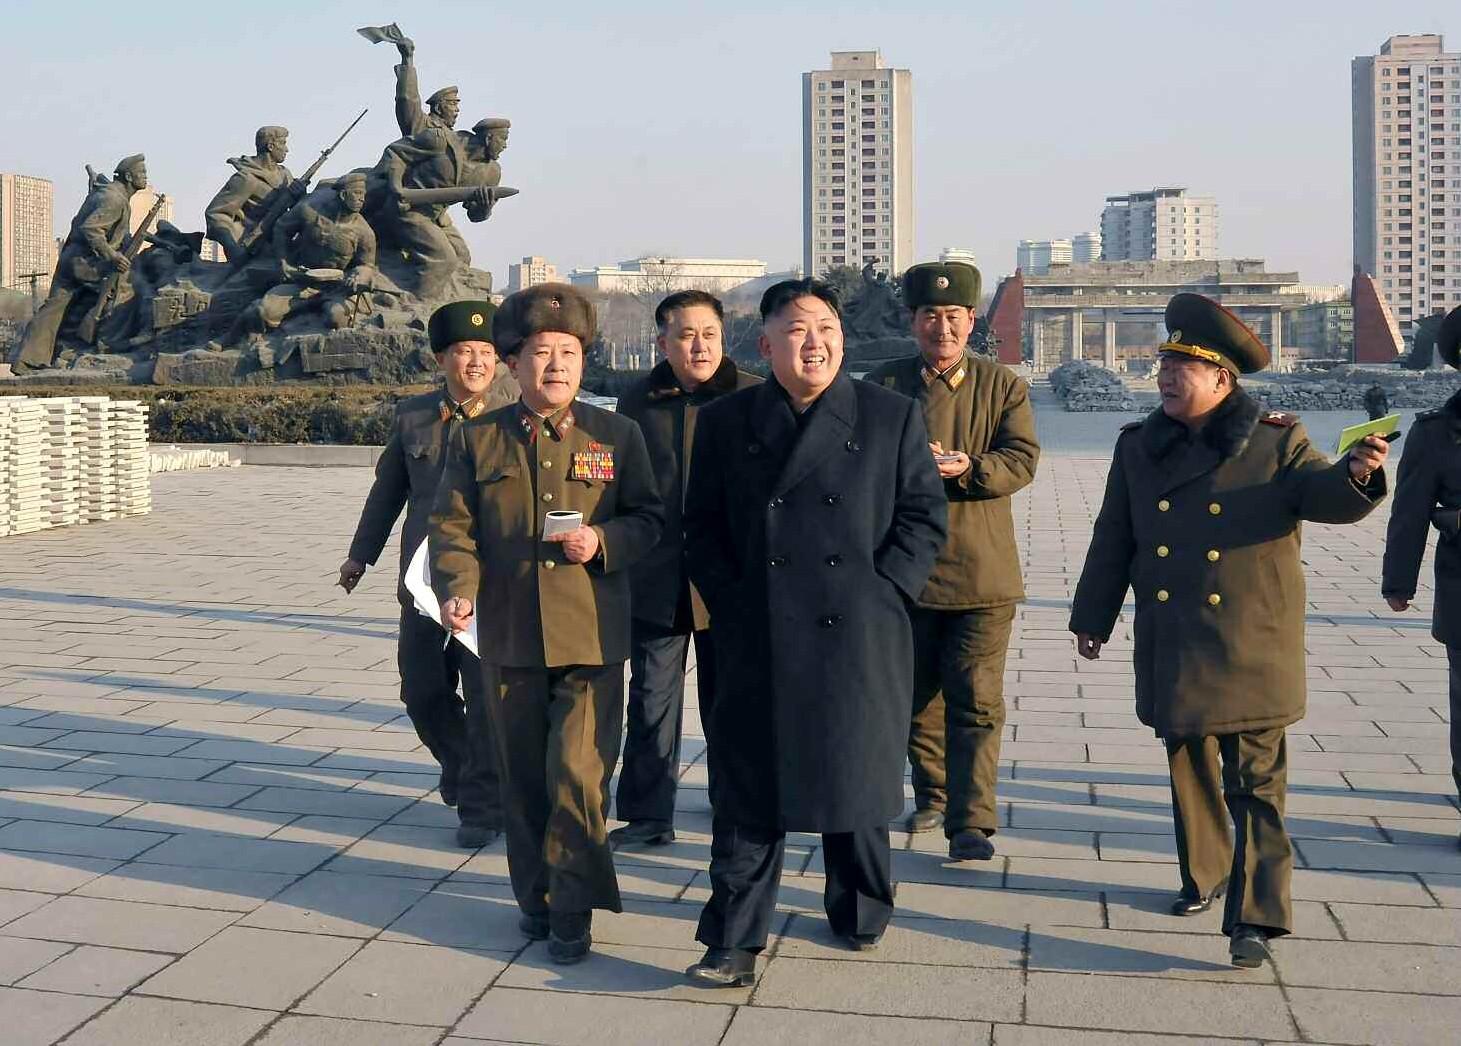 9. Уважаемый и любимый товарищ Ким Чен Ын осматривает строительство Музея Победы в Отечественной освободительной войне, февраль 2013 года